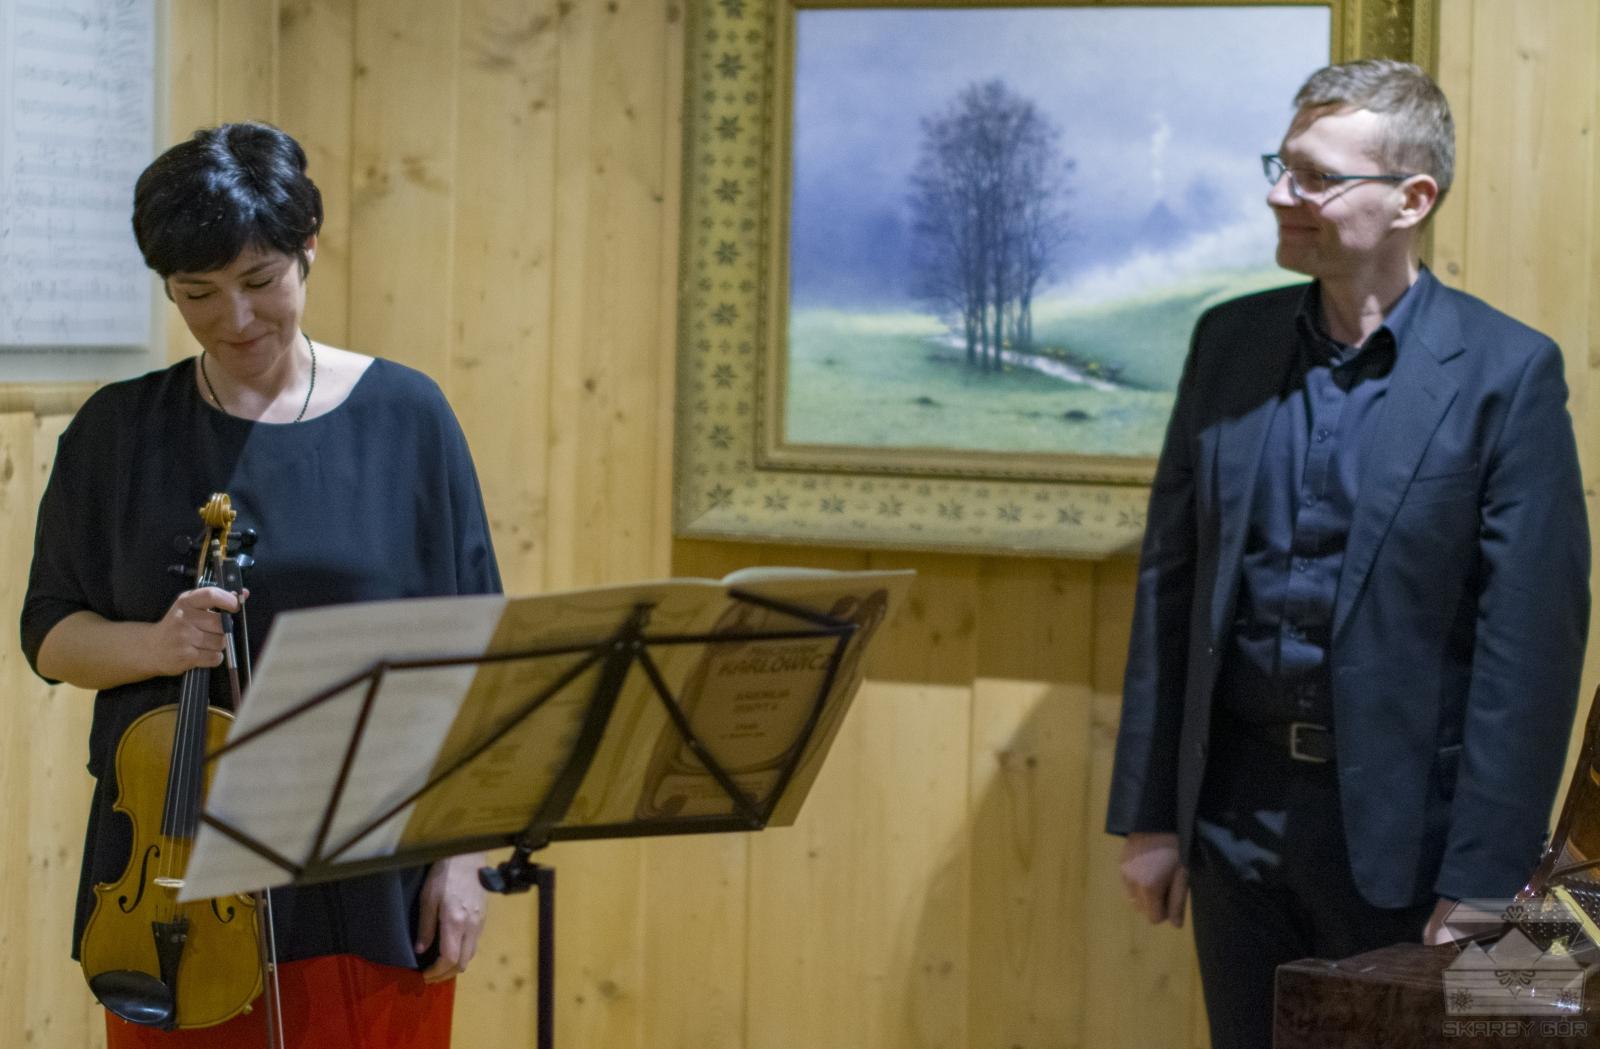 Koncert w 110 rocznicę śmierci Mieczysława Karłowicza Anna Szabelka, Piotr Banasik